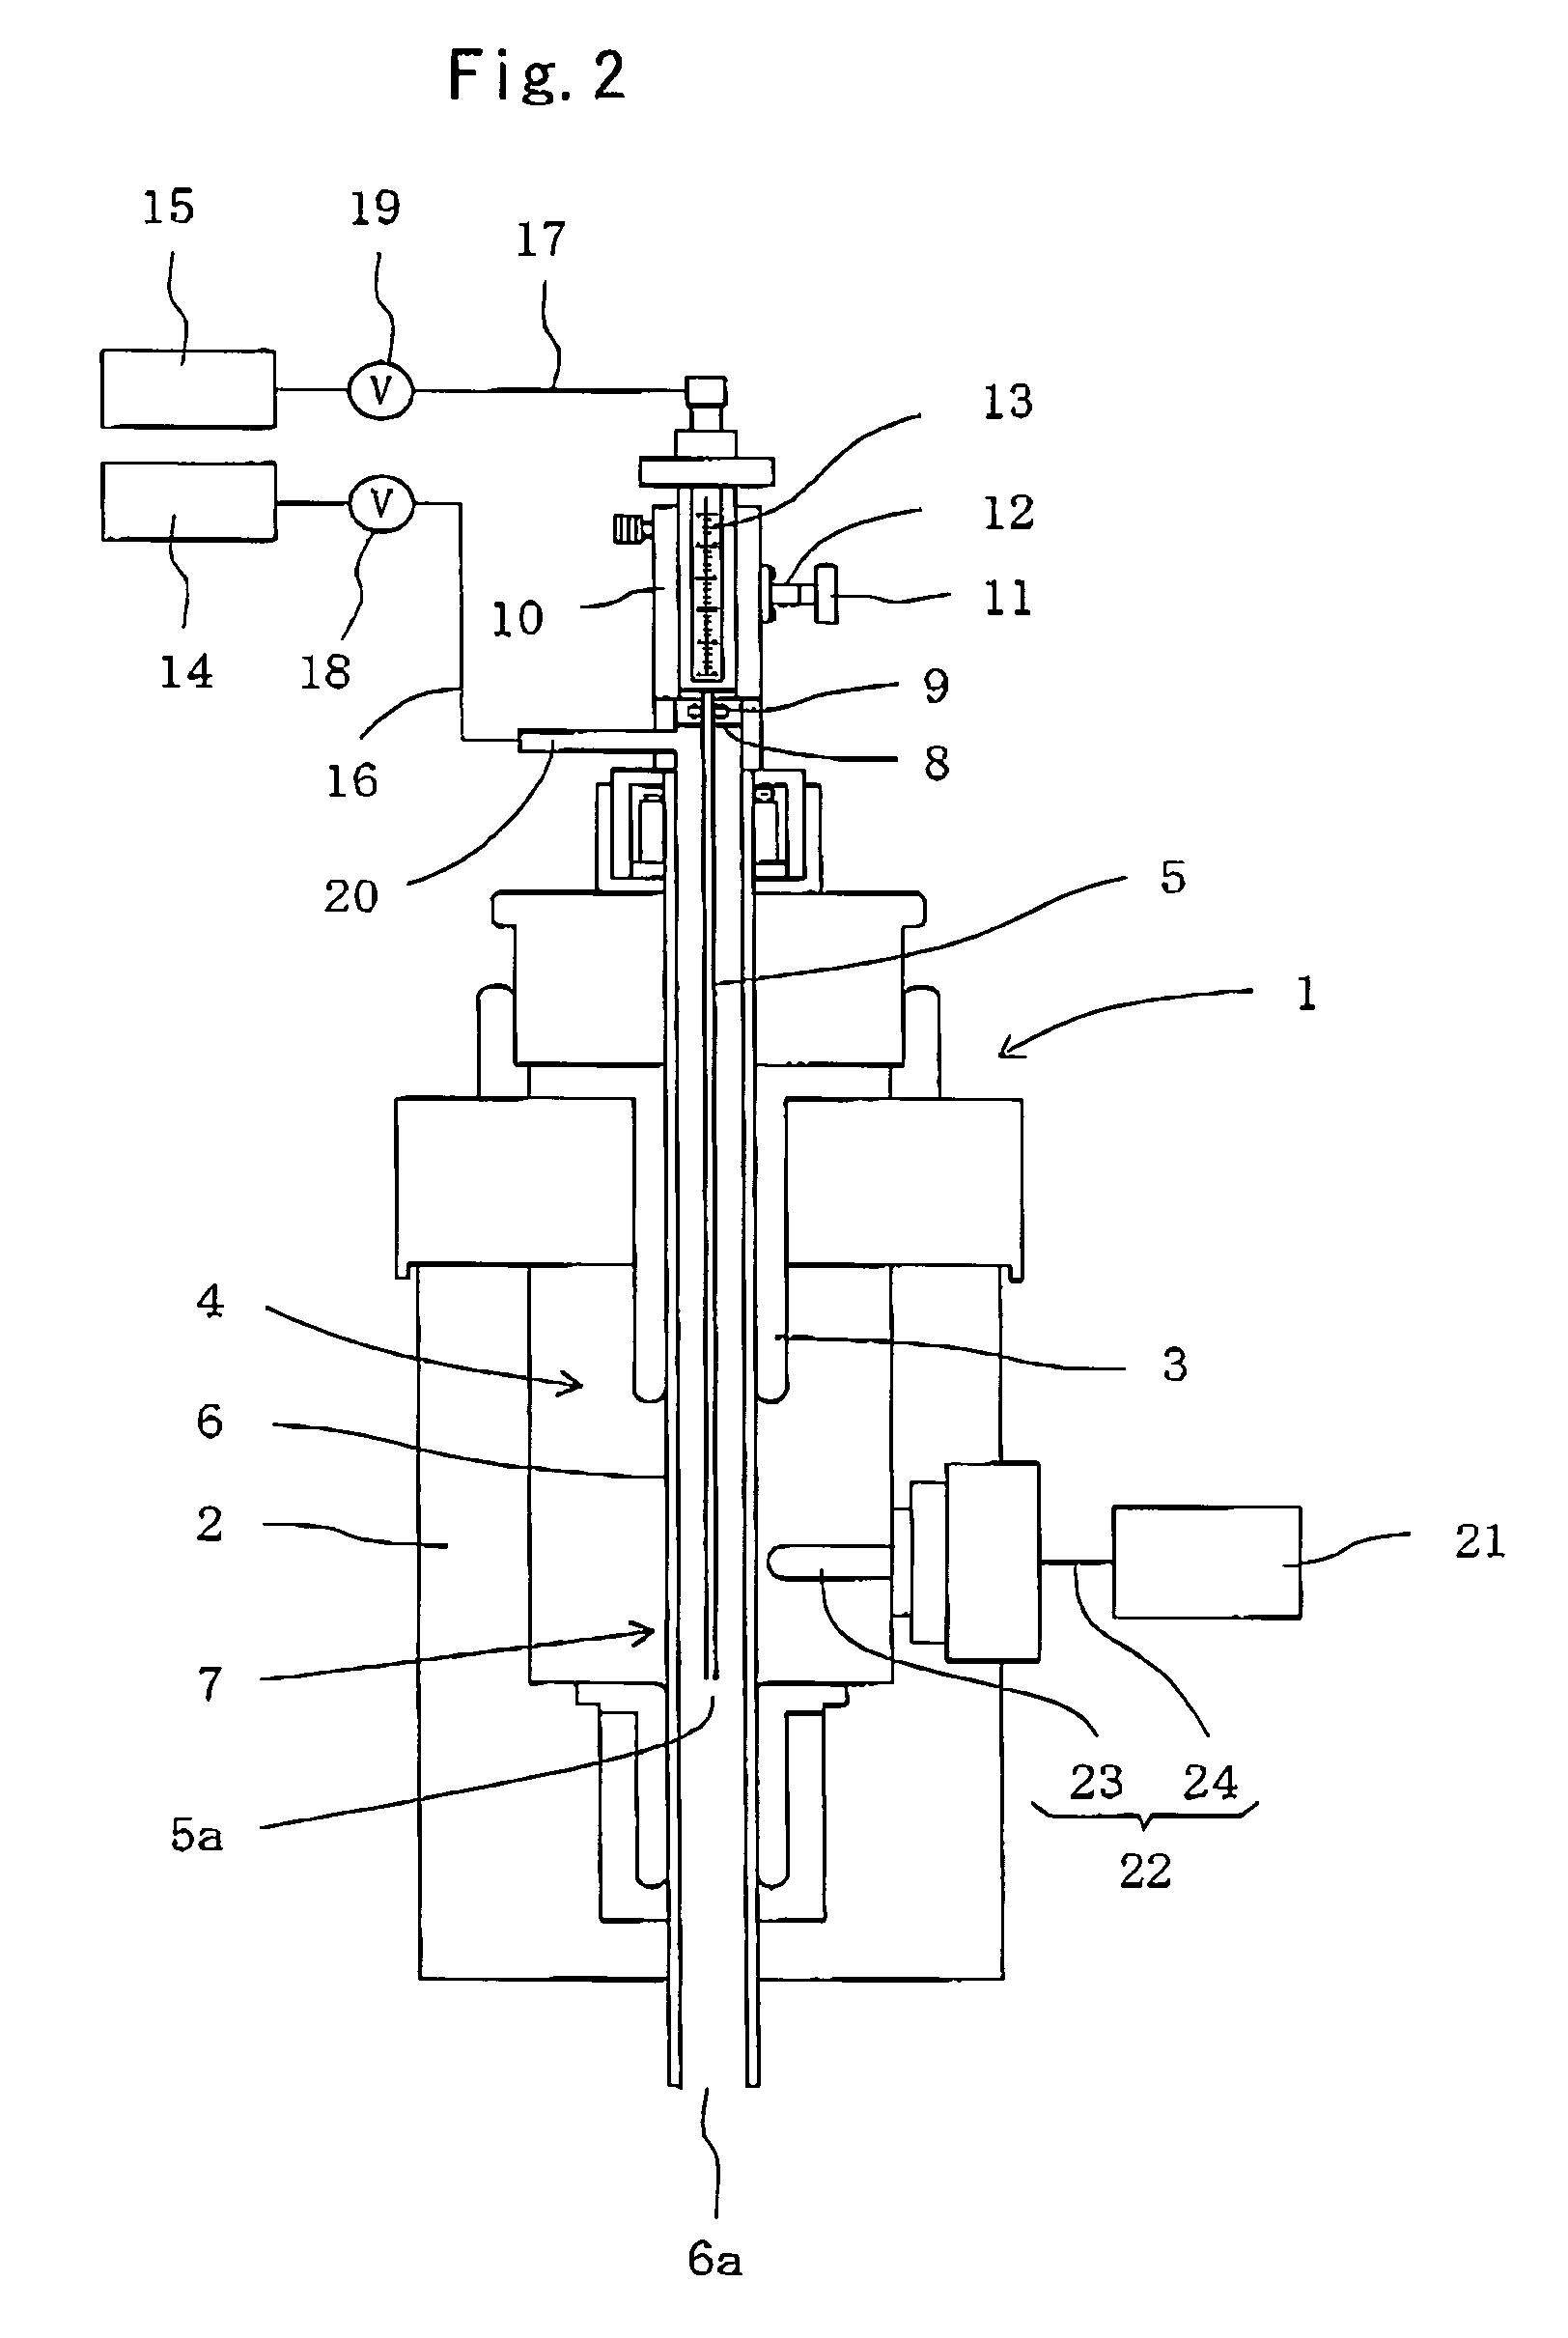 hight resolution of mercruiser thunderbolt 4 wiring diagram wiring diagram mercruiser wiring harness diagram mercruiser thunderbolt 4 wiring diagram